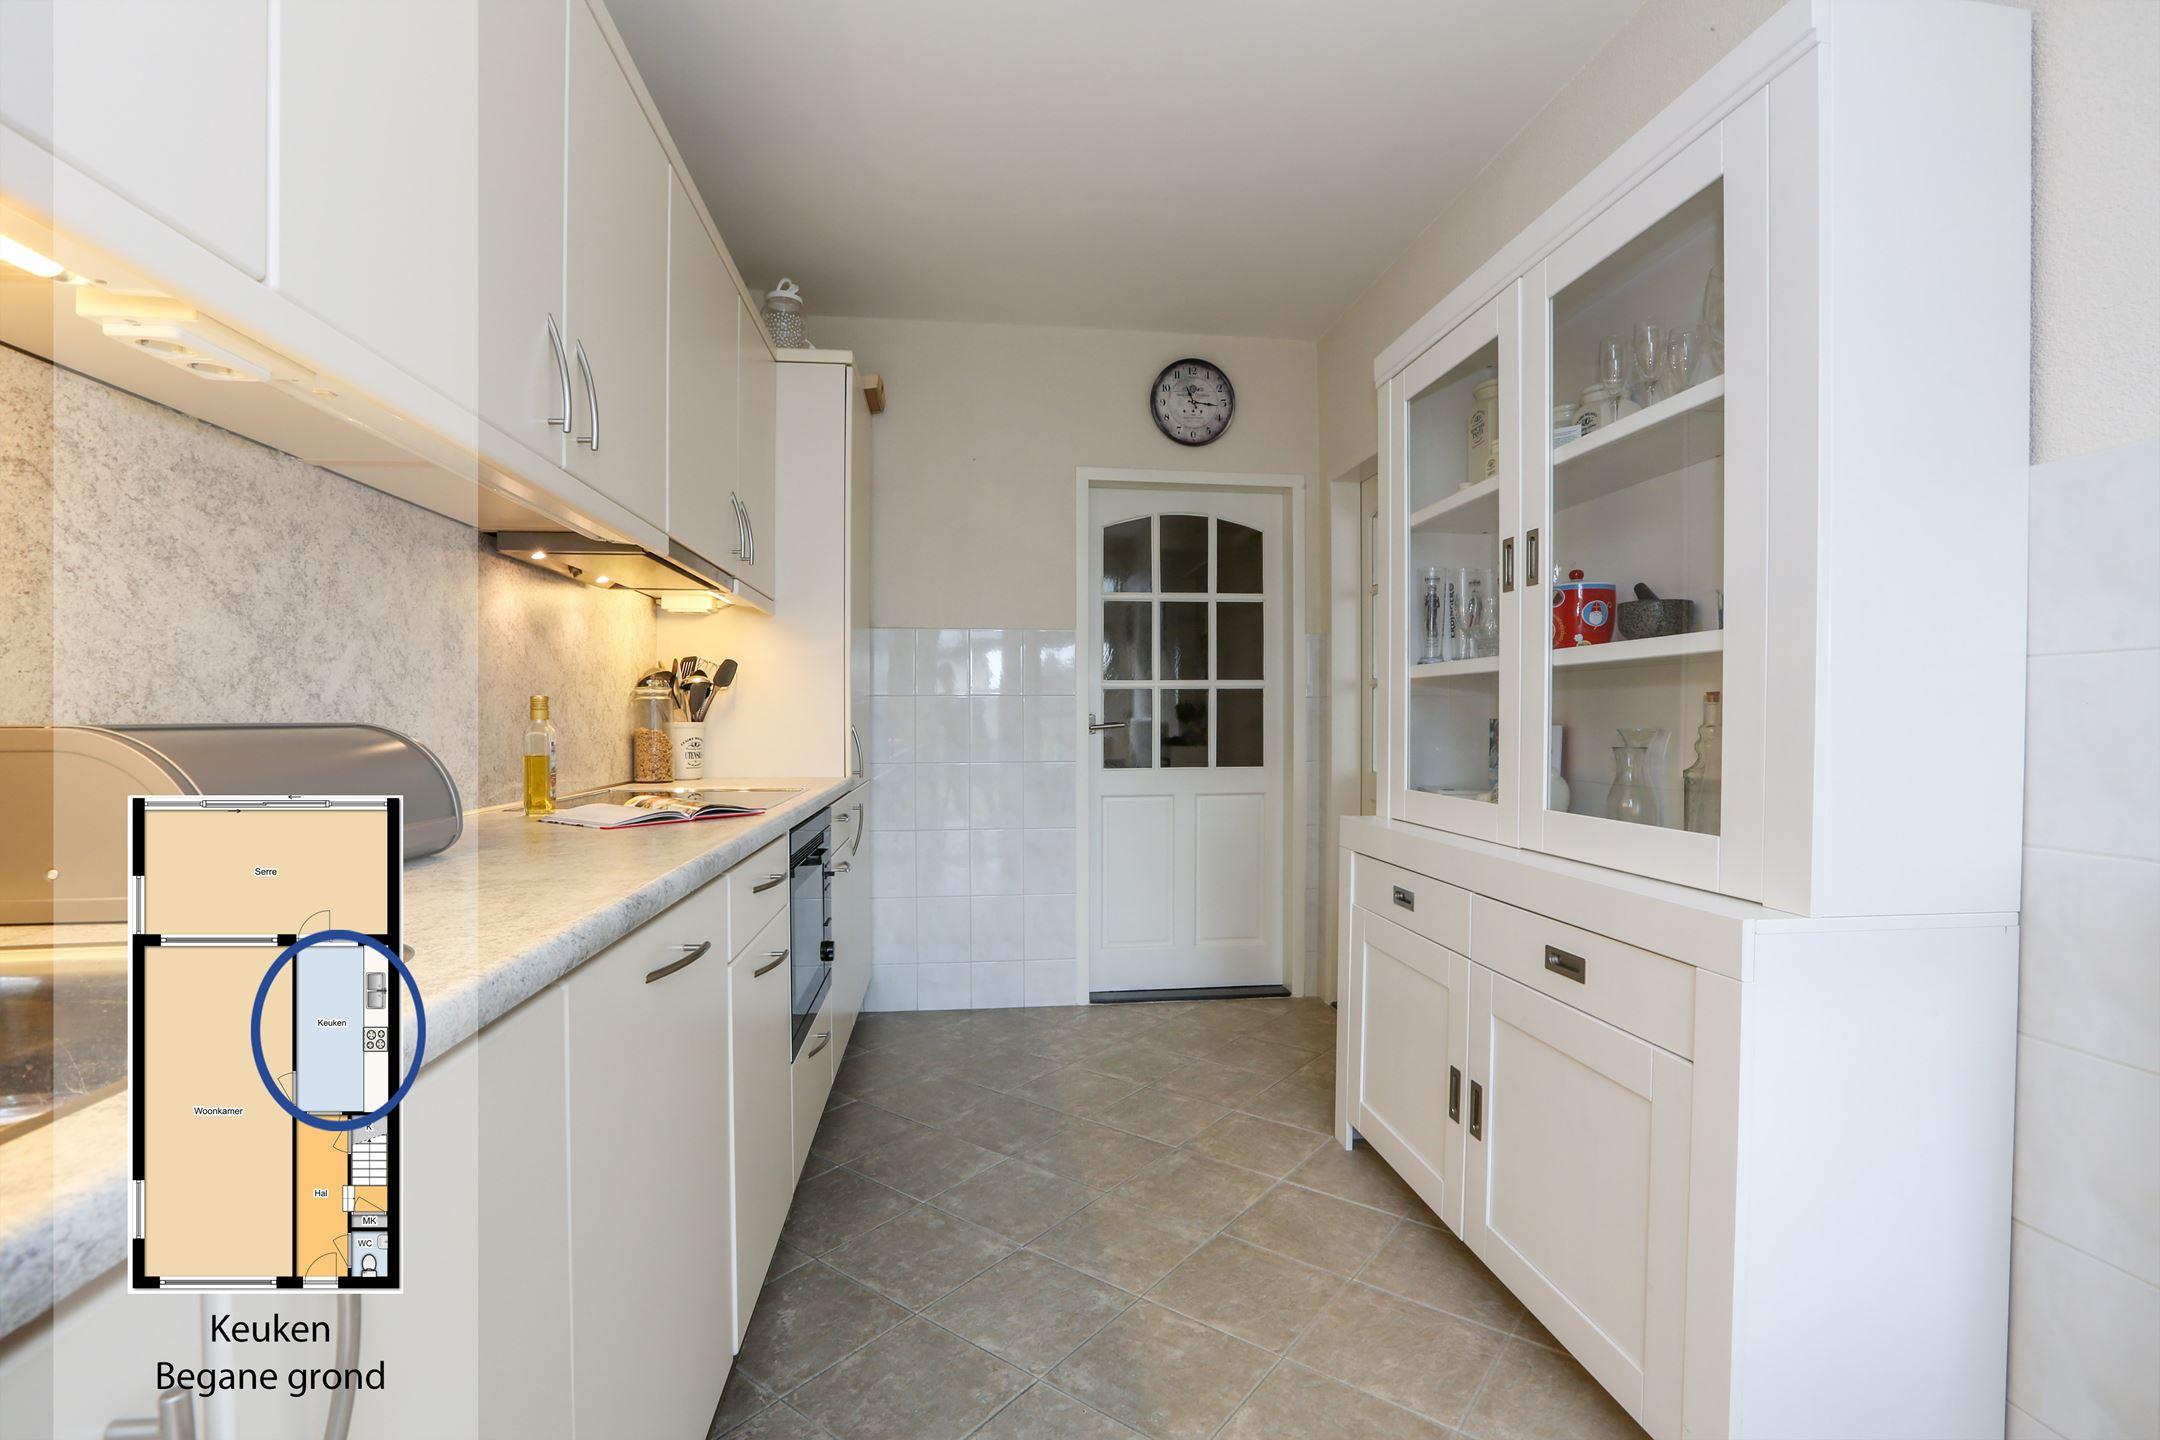 Keuken in nieuwe serre met vloerverwarming aannemer tommy hachmer